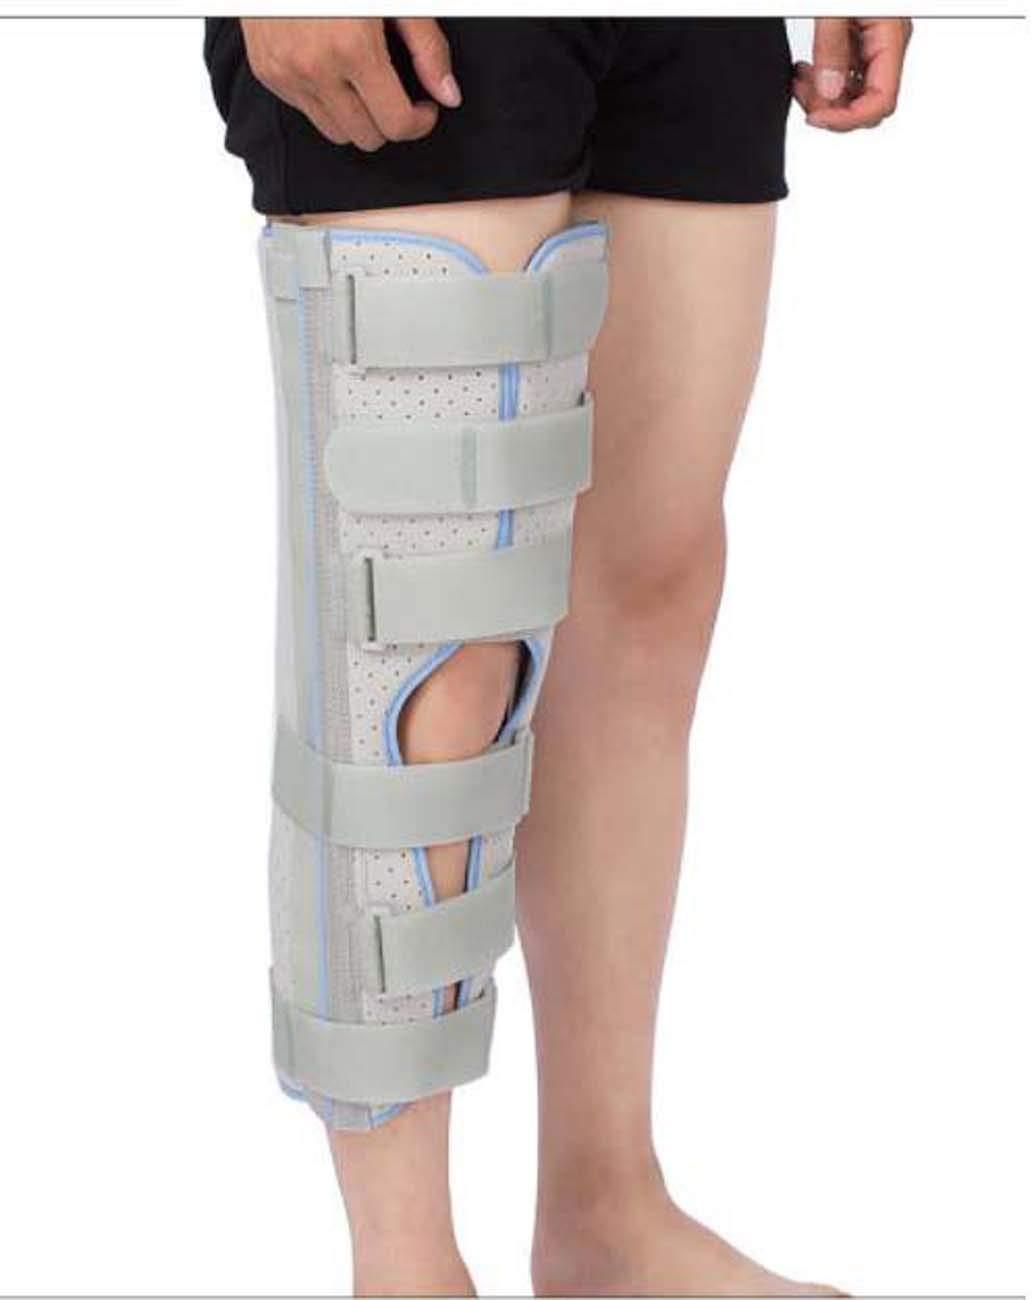 足膝サポートブーツ、靭帯ひずみ固定副木ロングレッグプロテクターユニセックス大人用 (Color : Grayupgradebreathable, Size : L) Grayupgradebreathable Large